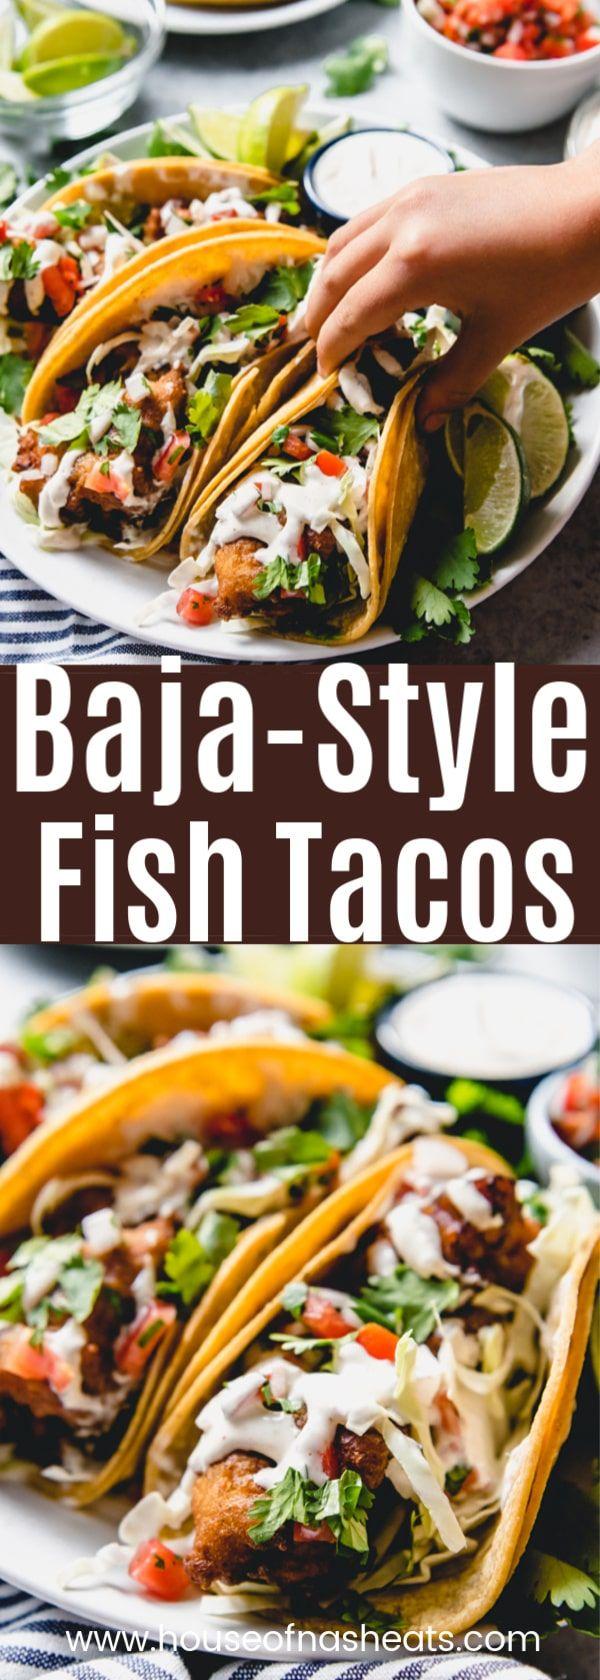 Baja Fish Tacos Recipe #tacorecipes